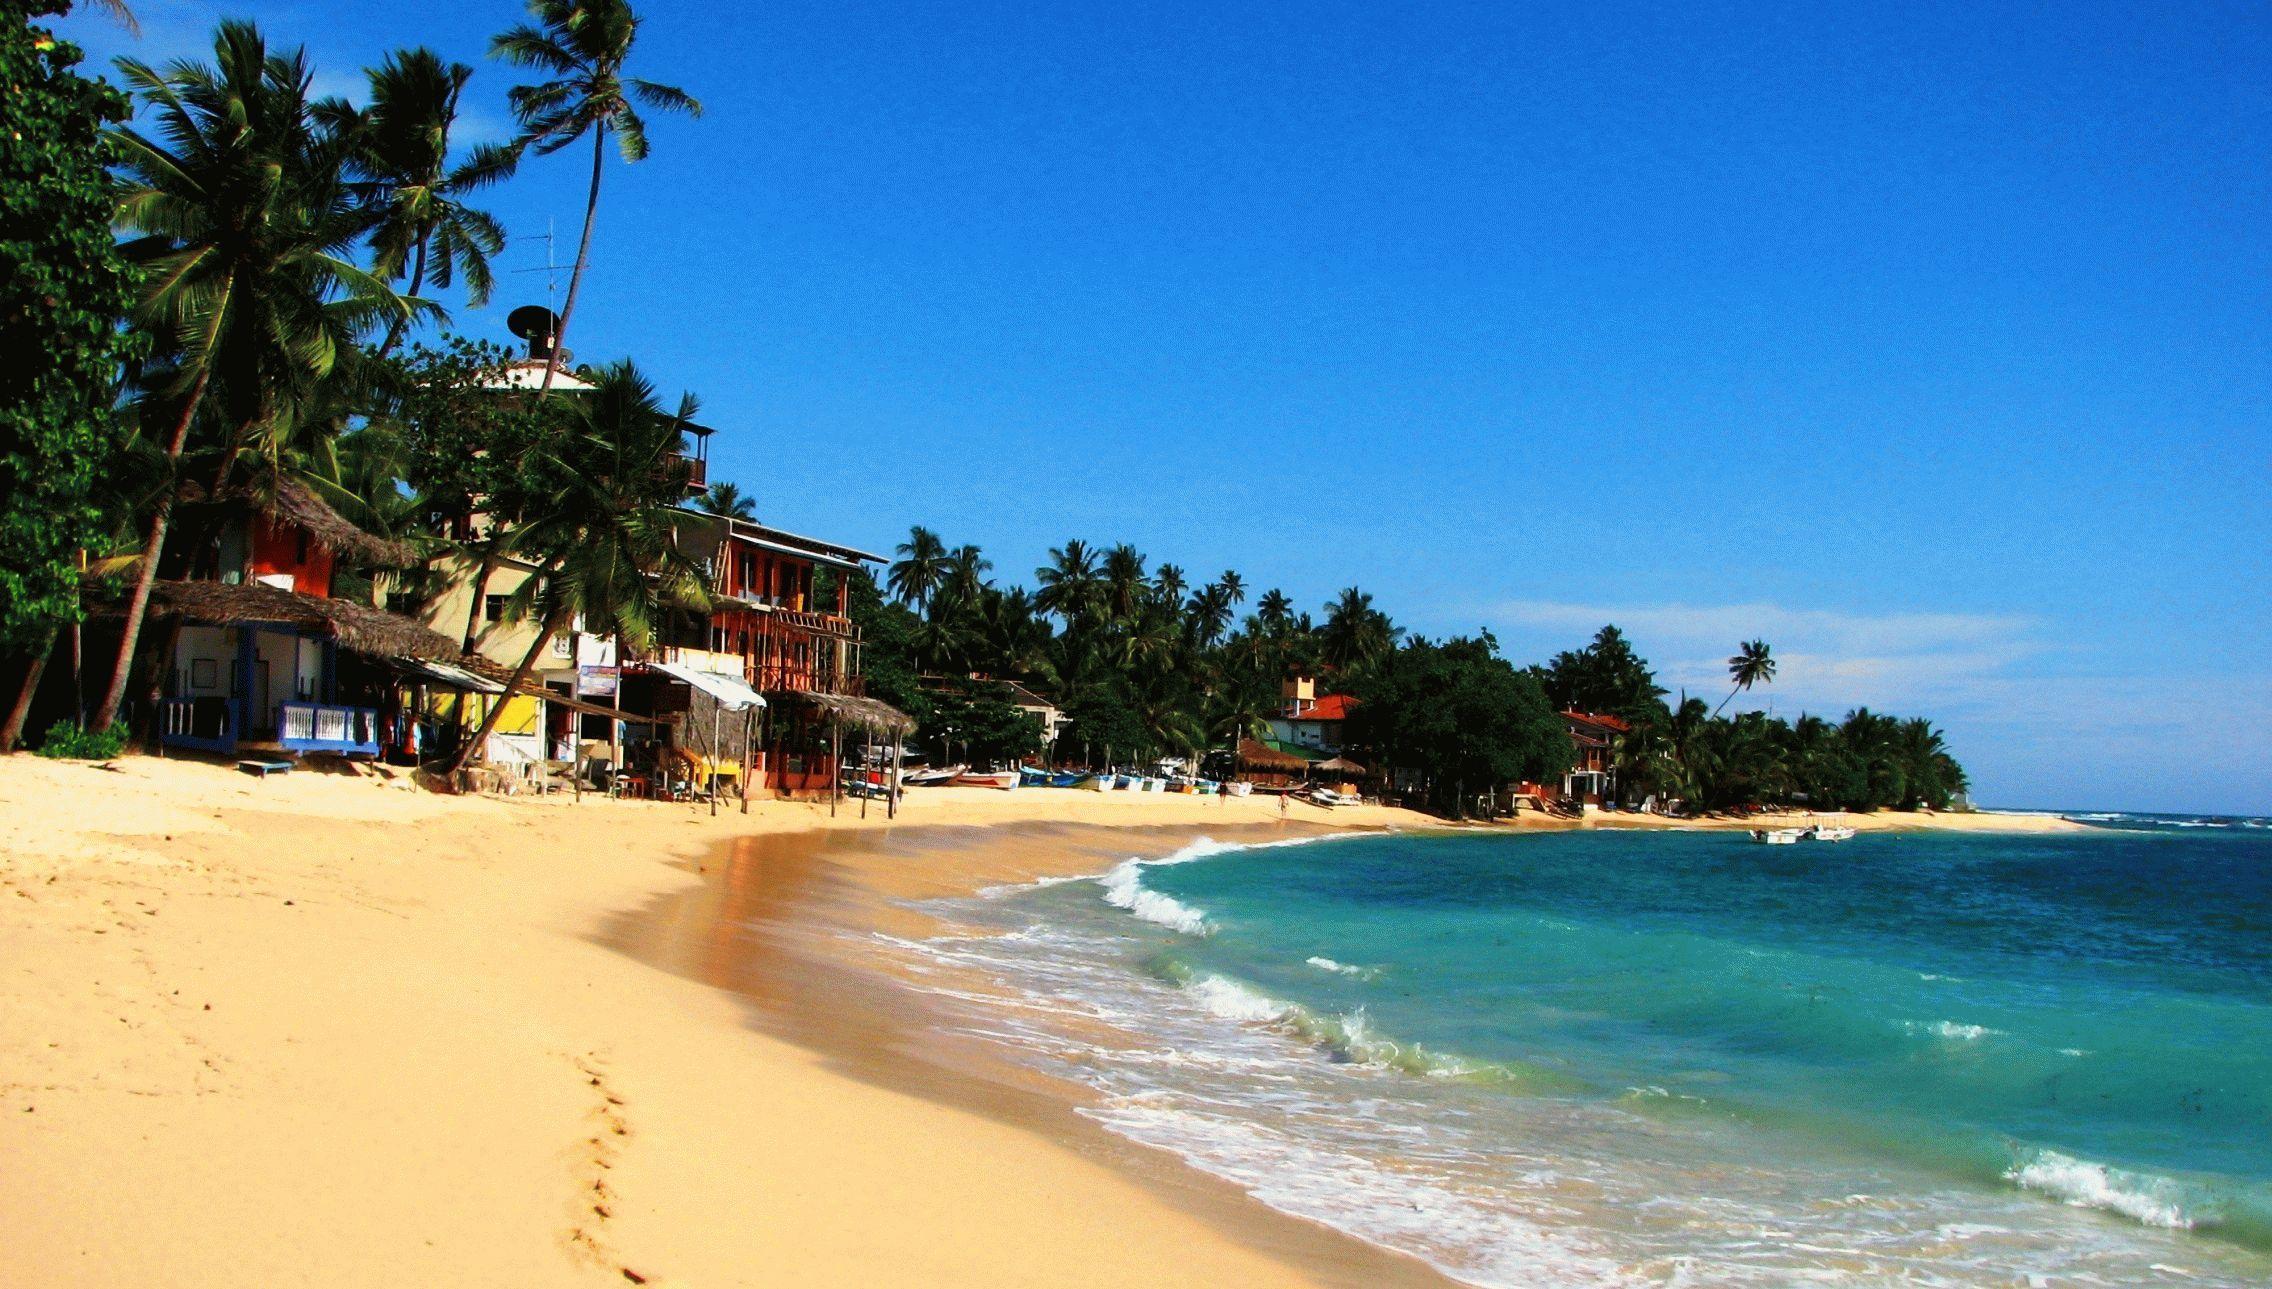 Отдых в Унаватуне, Шри-Ланка в 2020 году, пляжи, цены ...